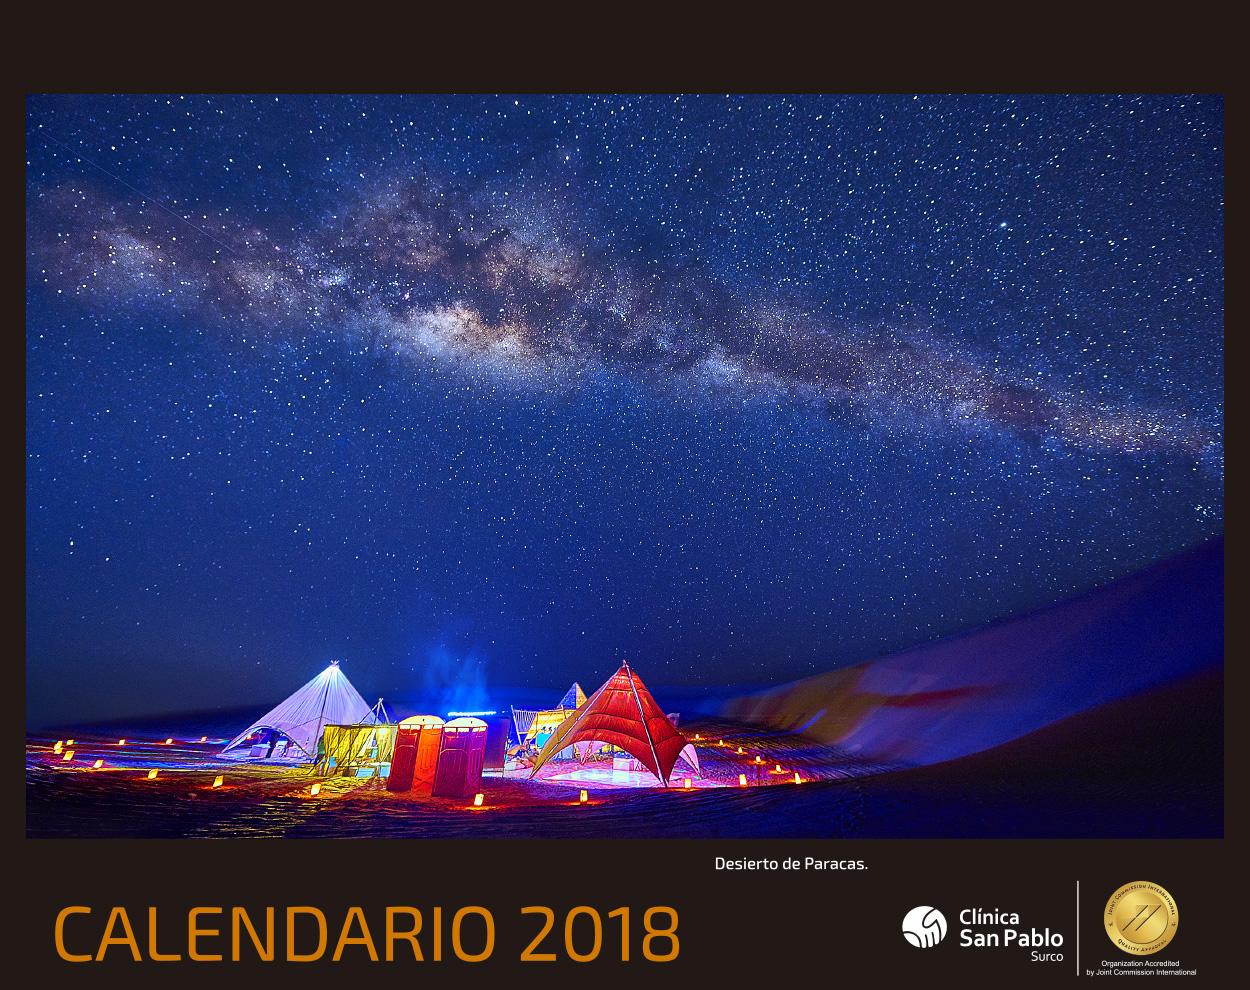 Calendario San Pablo 2018